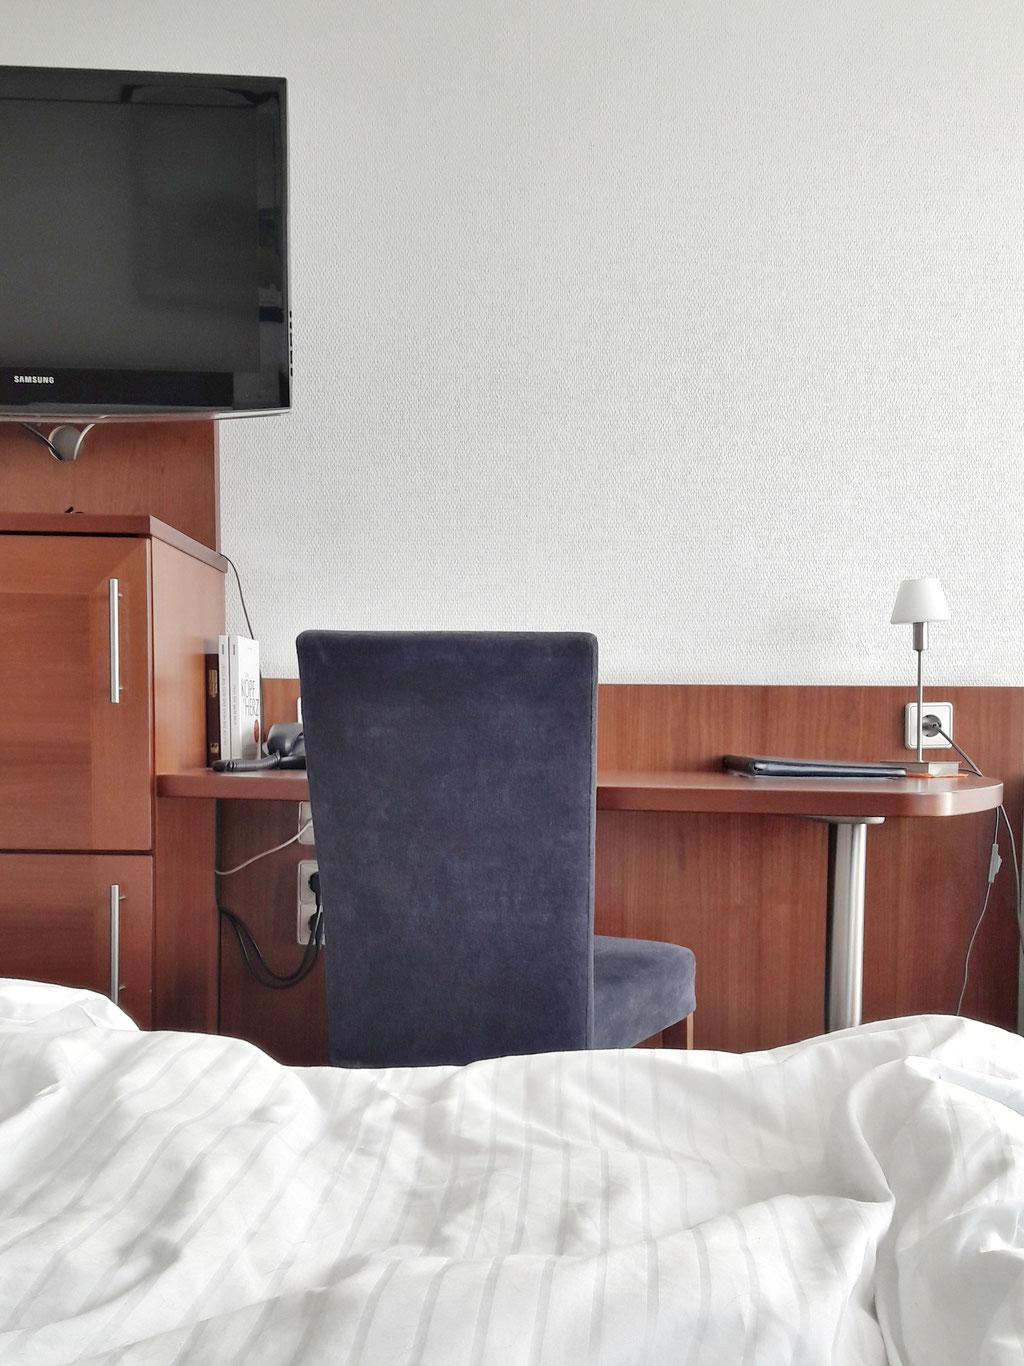 Mit Hund(en) im Hotel: ates Hotel in Kehl - Glitzerdings